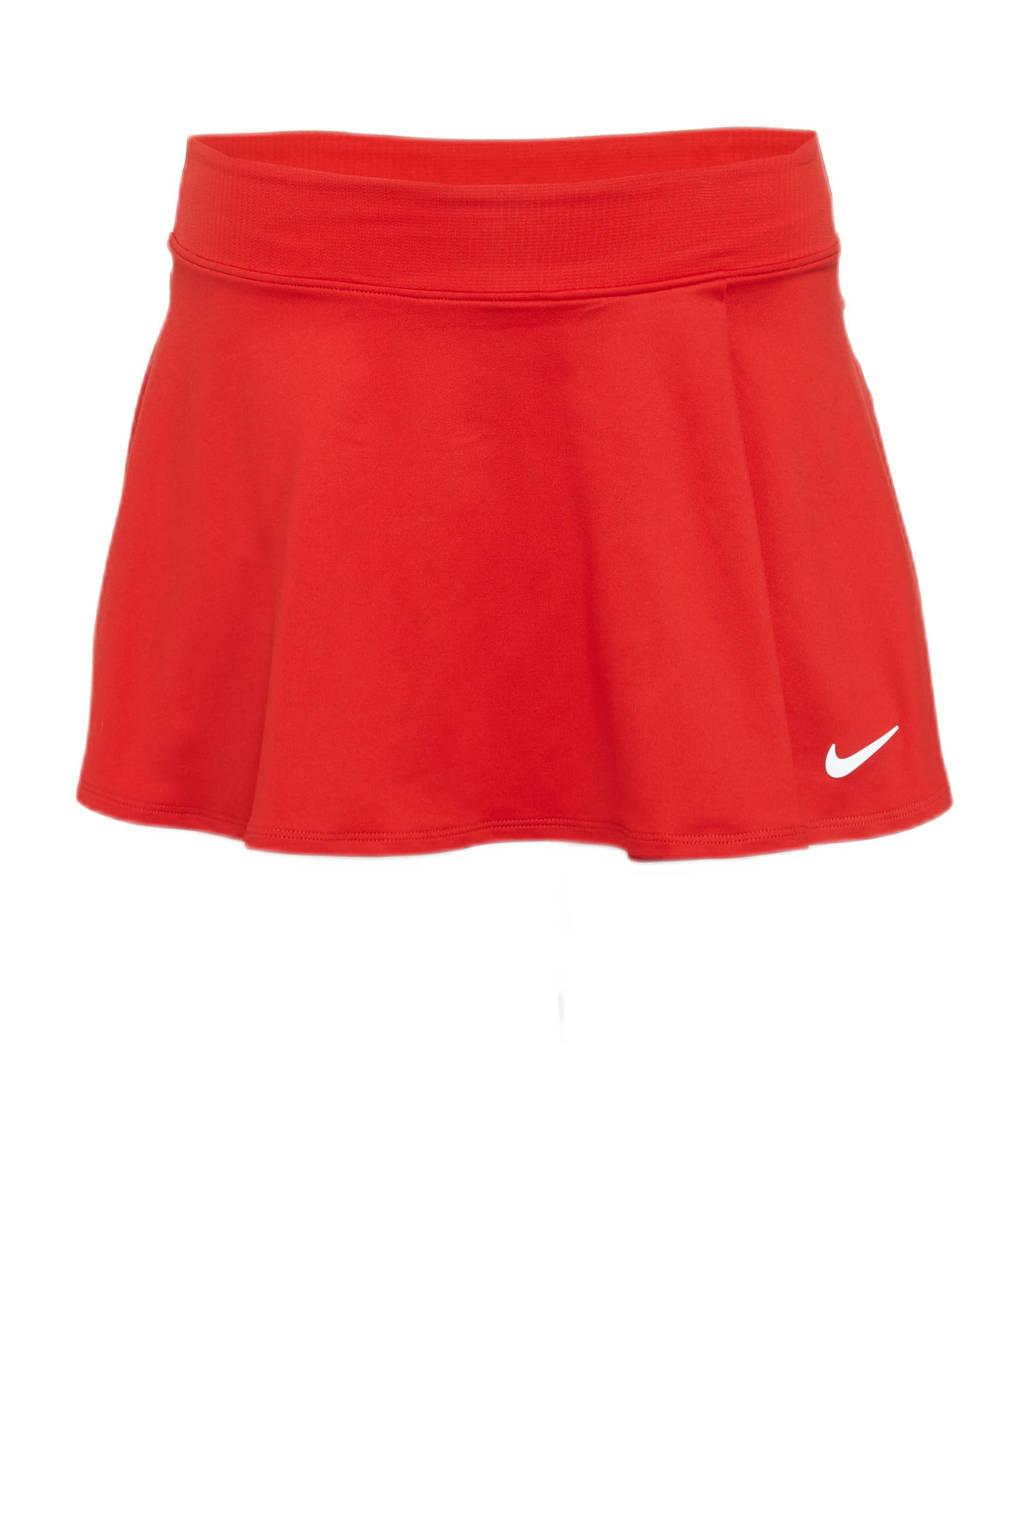 Nike sportrokje rood, Rood